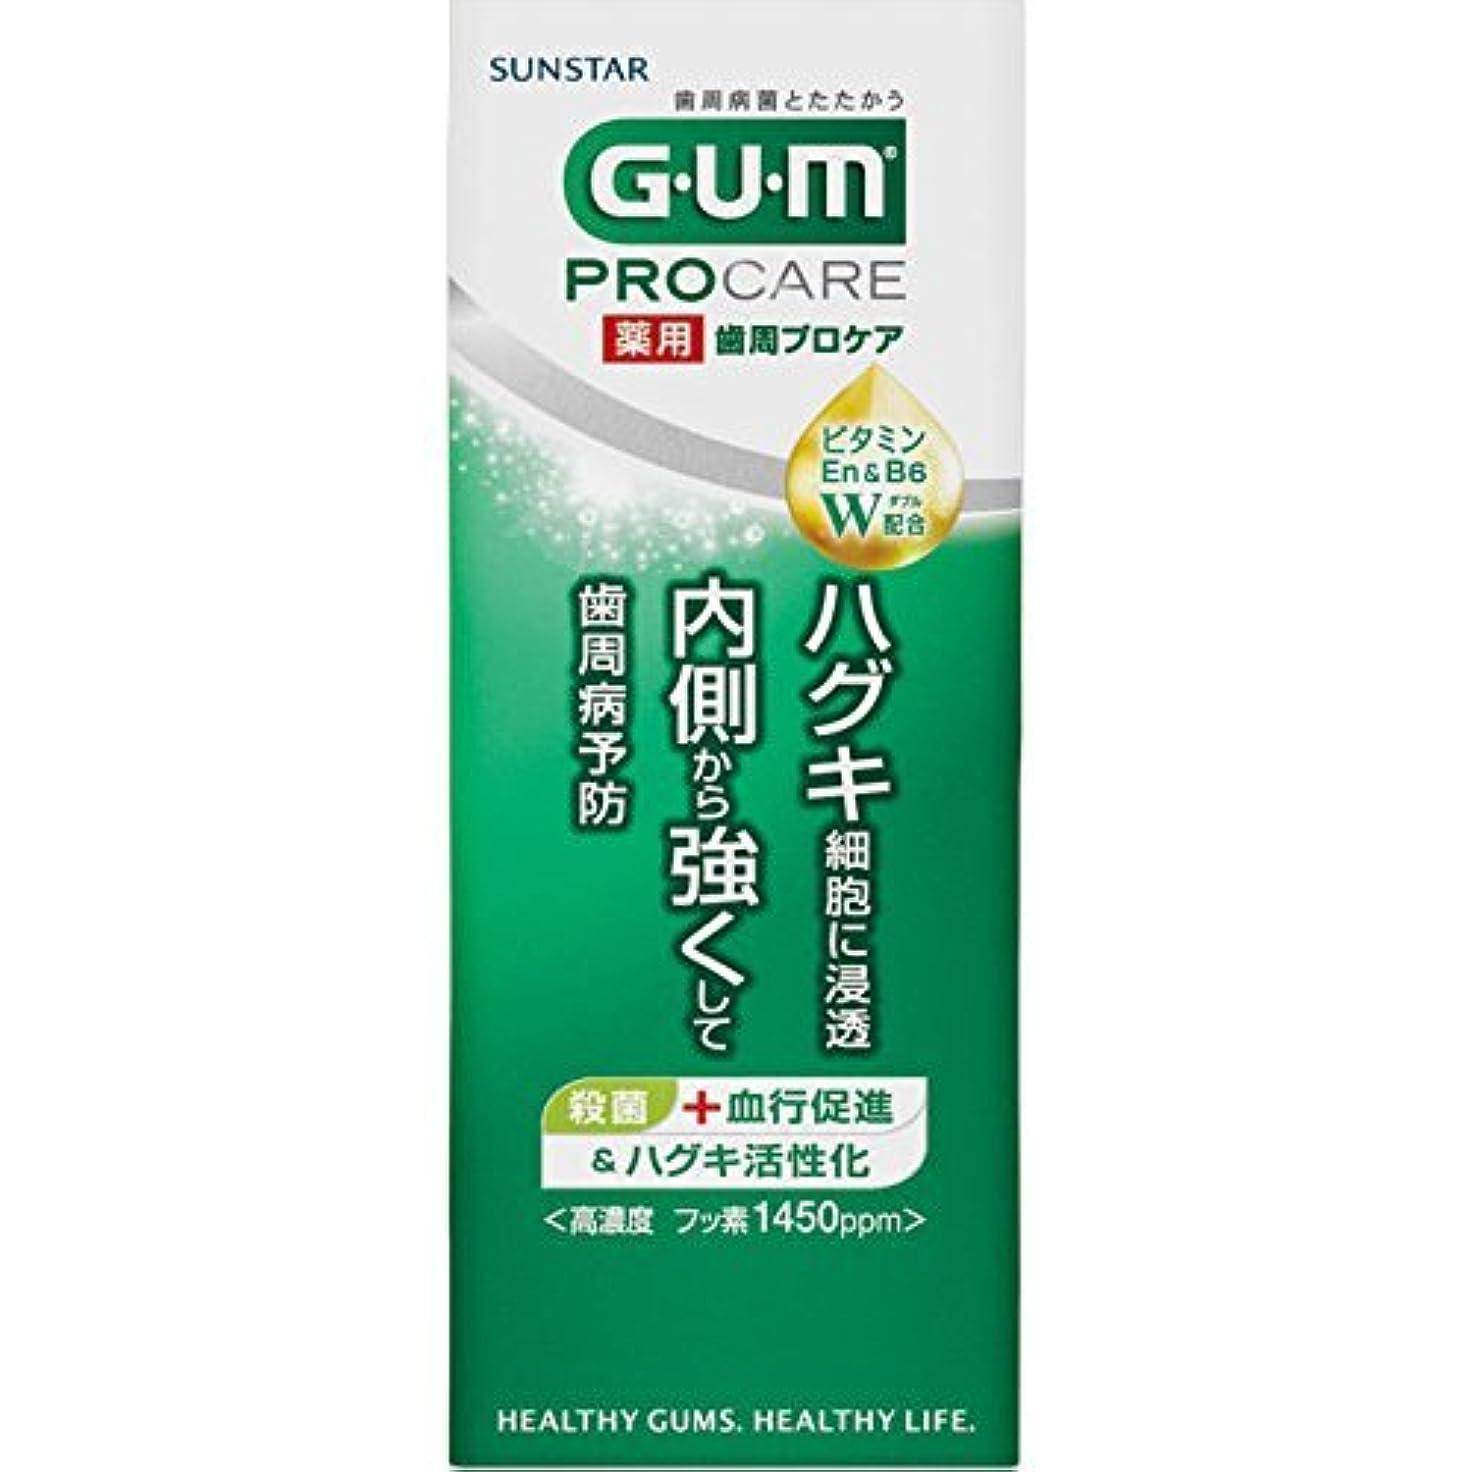 上へ従事したジェム[医薬部外品] GUM(ガム) 歯周プロケア 歯みがき ミニサイズ トライアル 50g <歯周病予防 ハグキケア 高濃度フッ素配合 1450ppm>